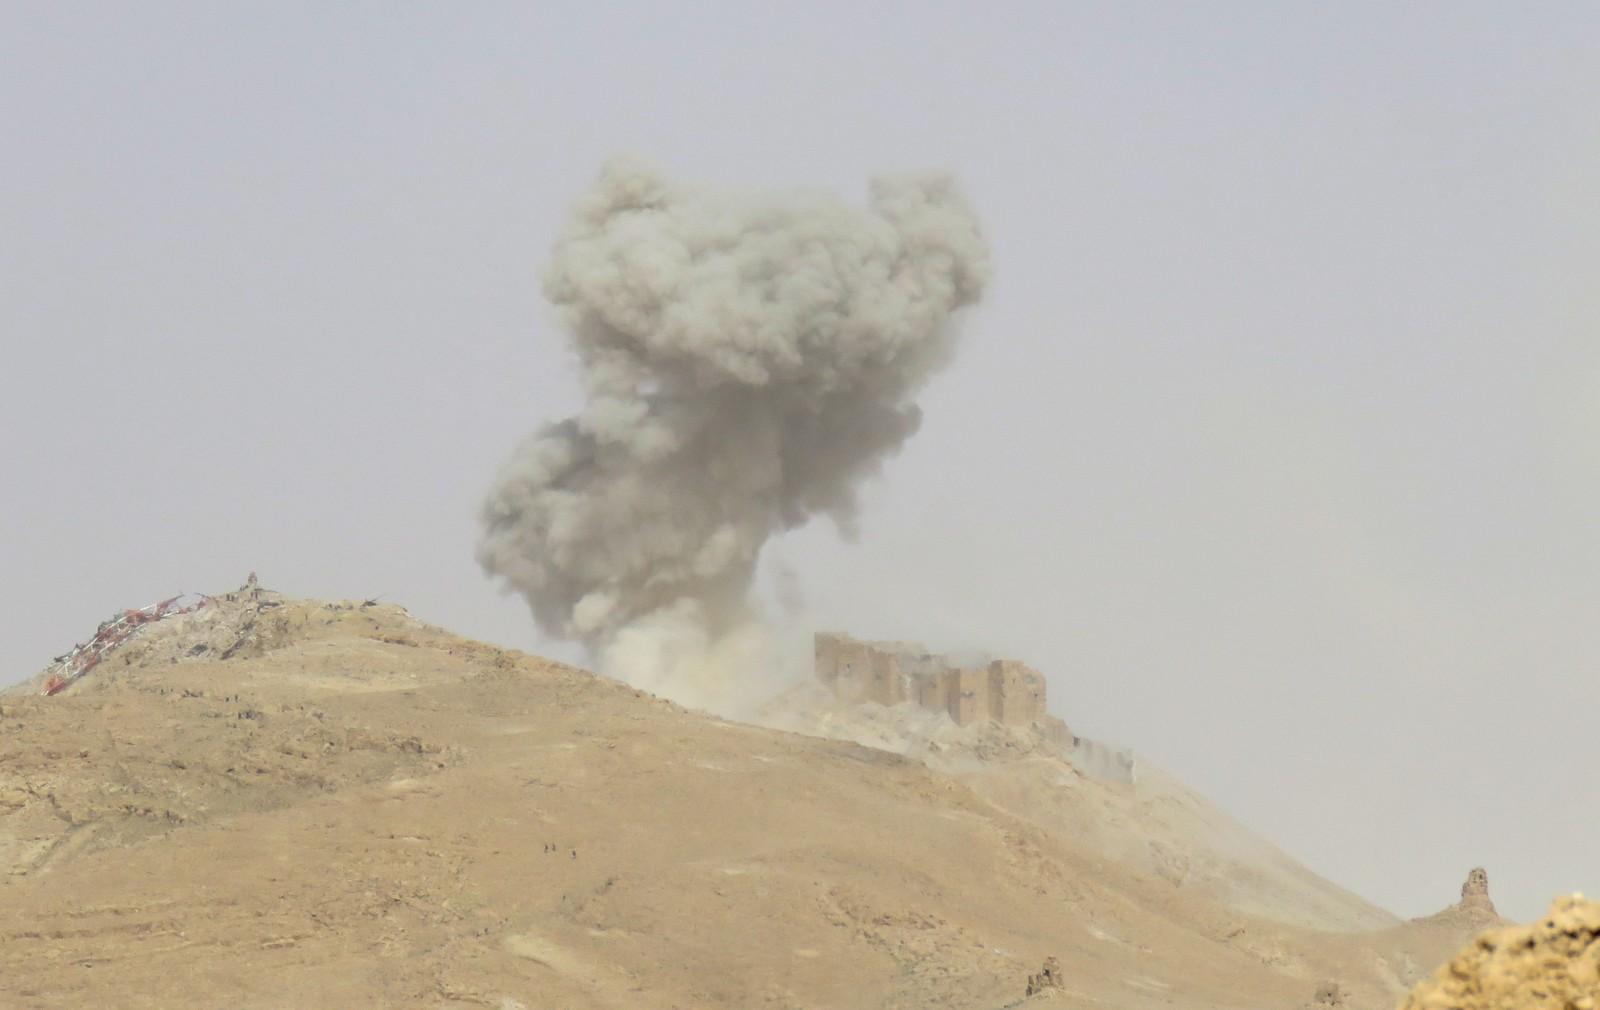 IS led et dobbelt tilbakeslag under offensiven. I tillegg til at de ble presset ut av Palmyra, skal deres nestkommanderende ha blitt drept.